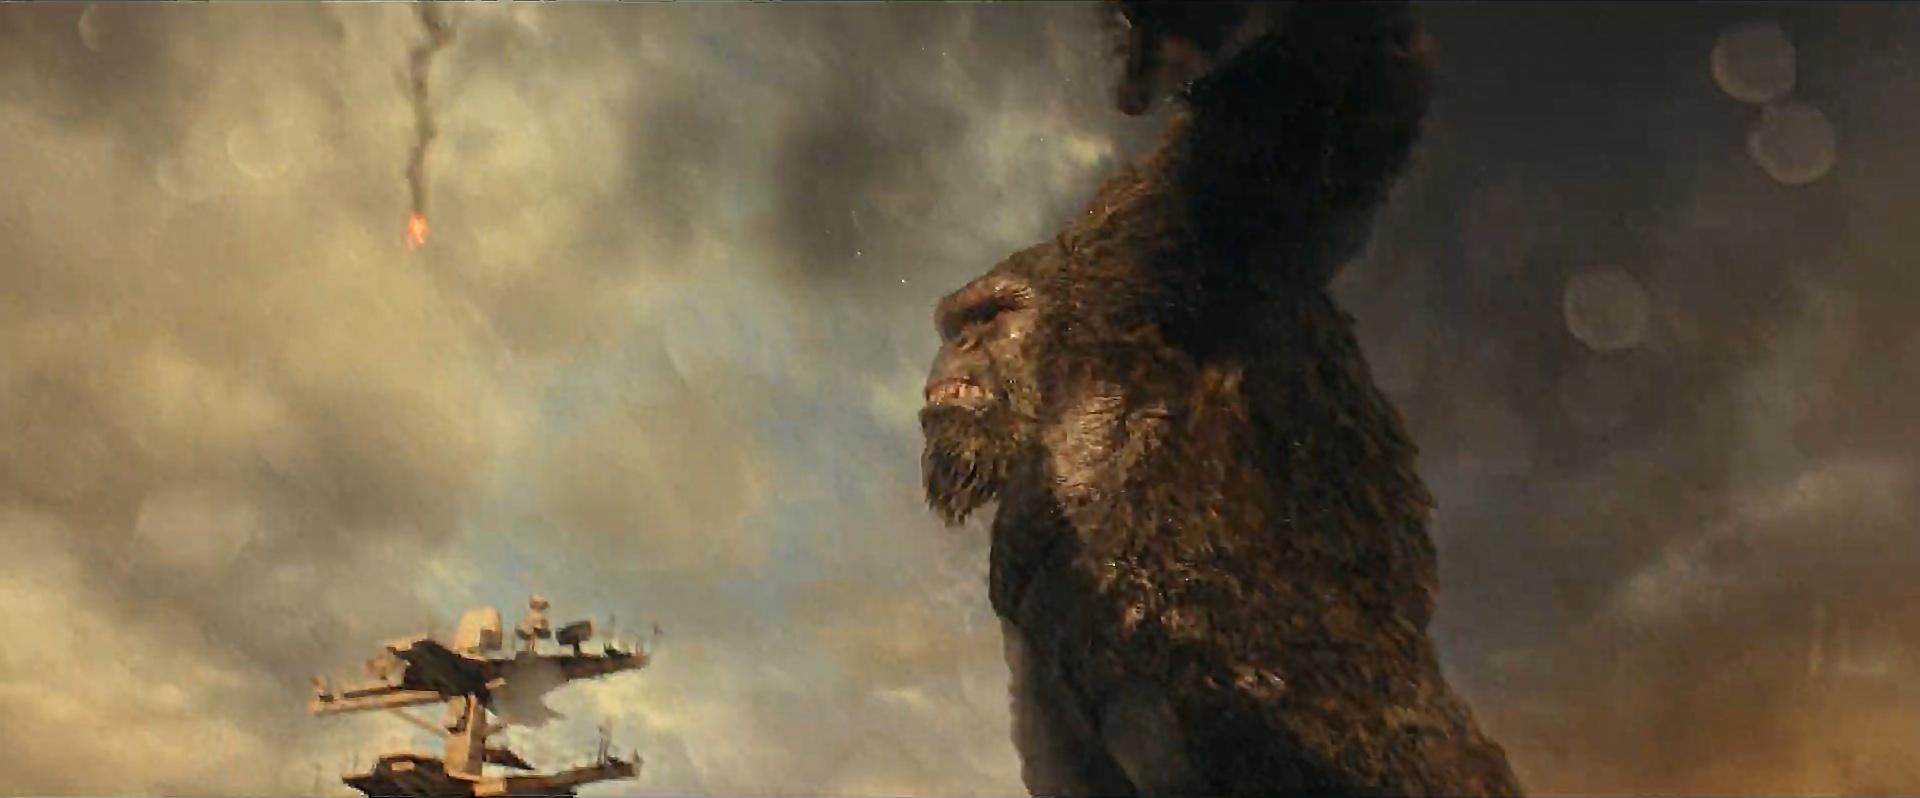 Godzilla vs Kong Trailer Still 39